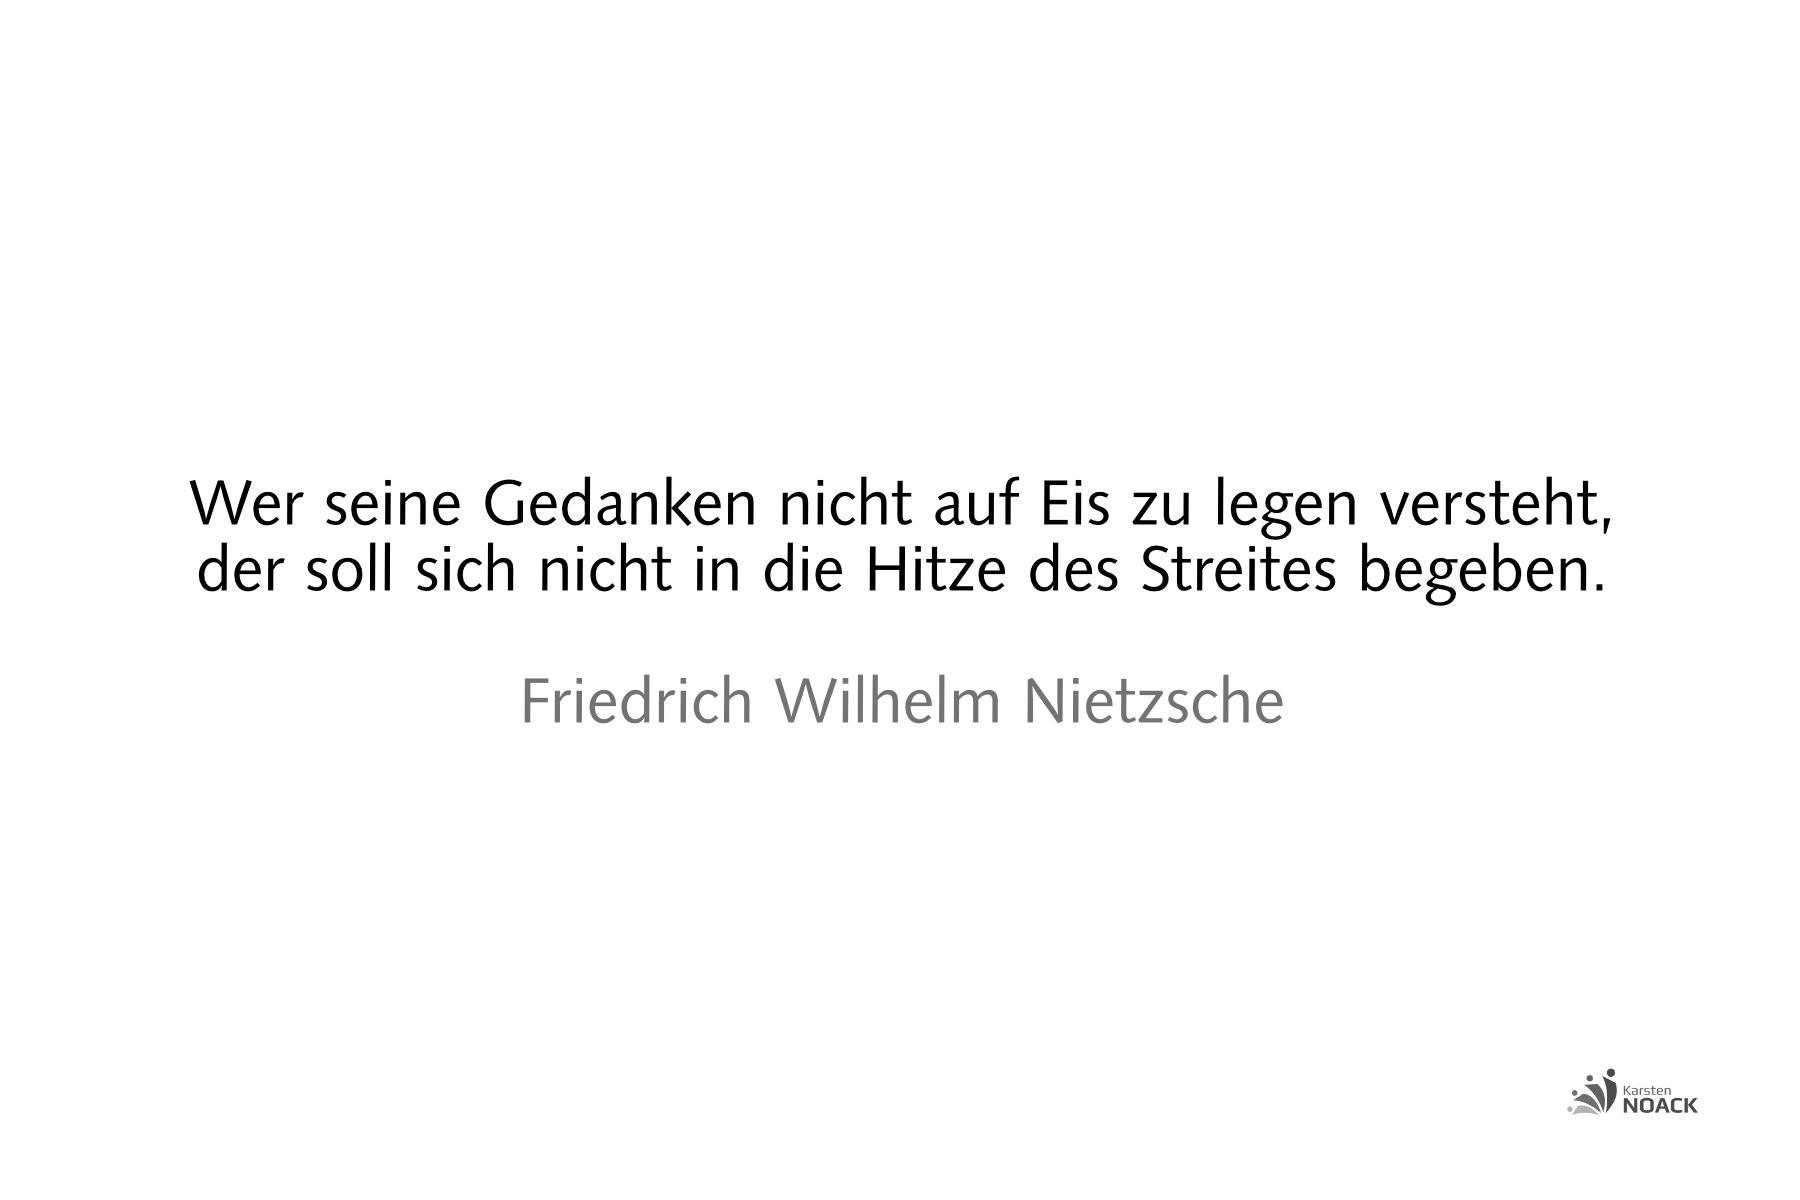 Wer seine Gedanken nicht auf Eis zu legen versteht, der soll sich nicht in die Hitze des Streites begeben. Friedrich Wilhelm Nietzsche